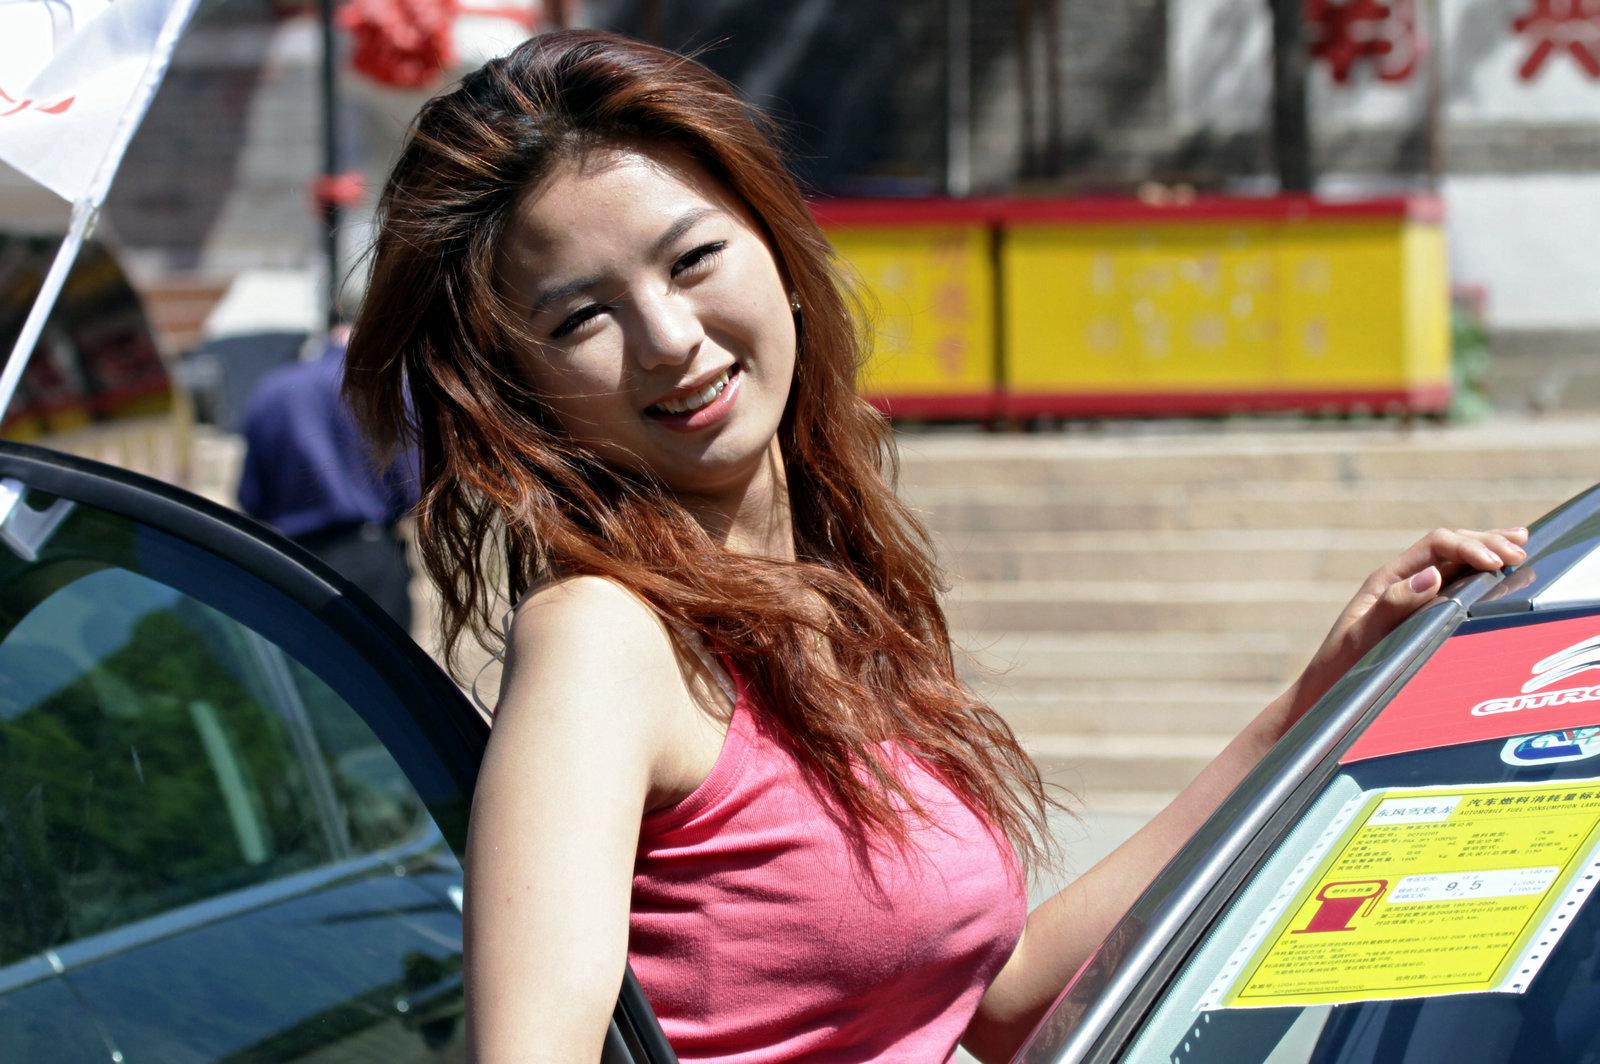 朝阳香车美女摄影 1600x1064;